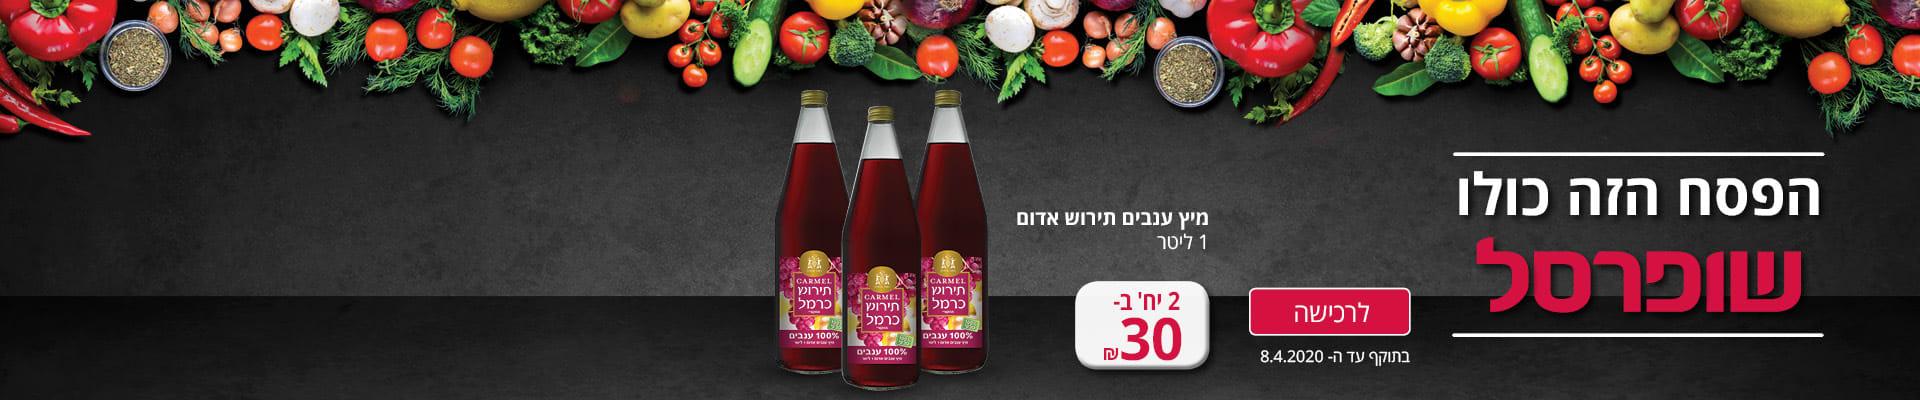 הפסח הזה כולו שופרסל: מיץ ענבים תירוש אדום1 ליטר 2 יחידות ב- ב- 30 ₪. בתוקף עד 8.4.2020.